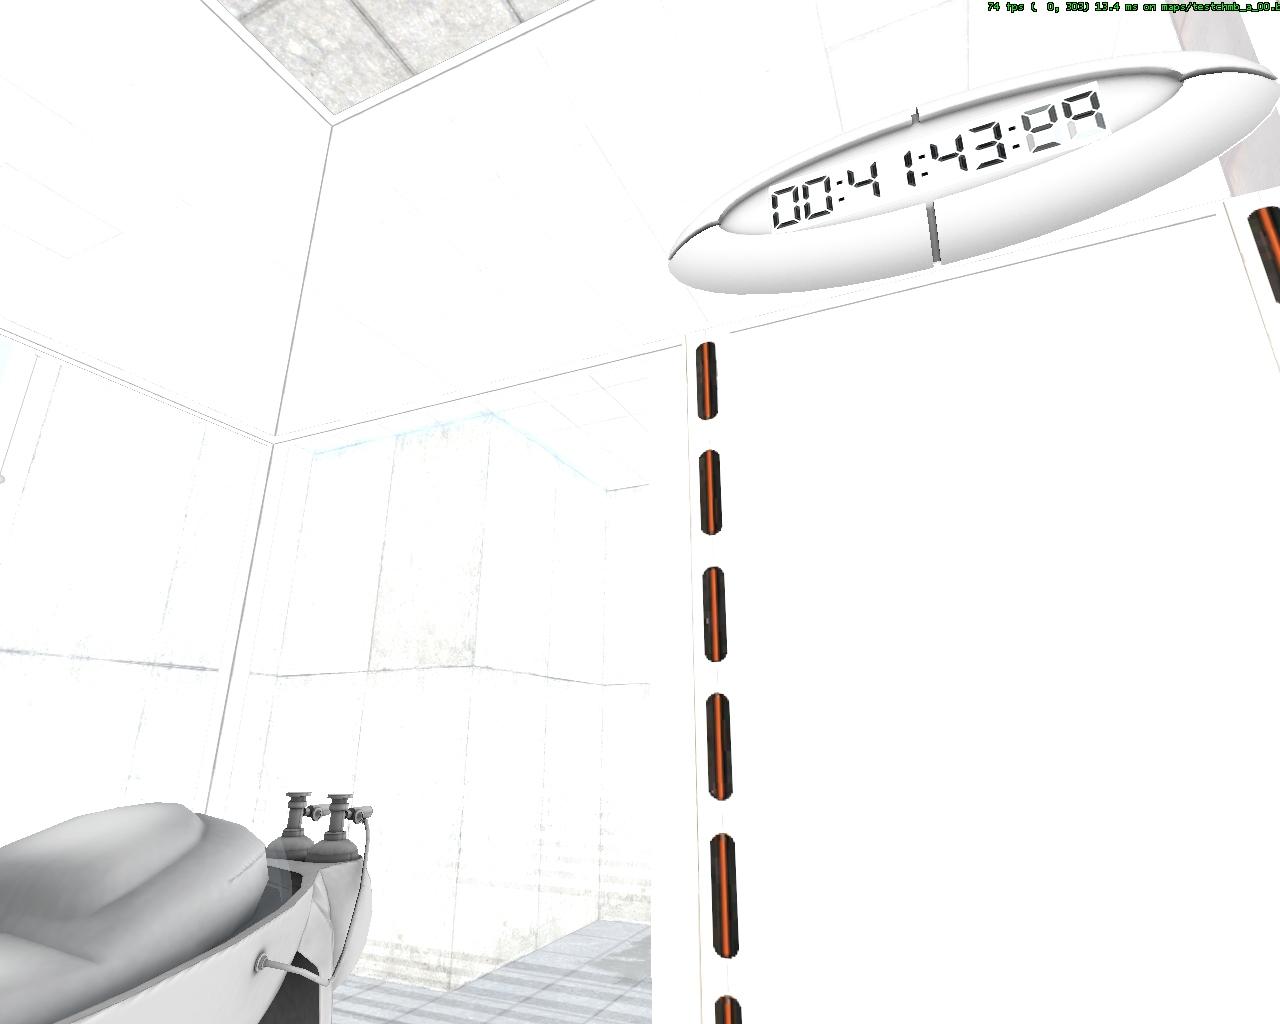 mat_fullbright 1 - Portal mat_fullbright 1, Portal 2006, Portal Beta, testchmb_a_00